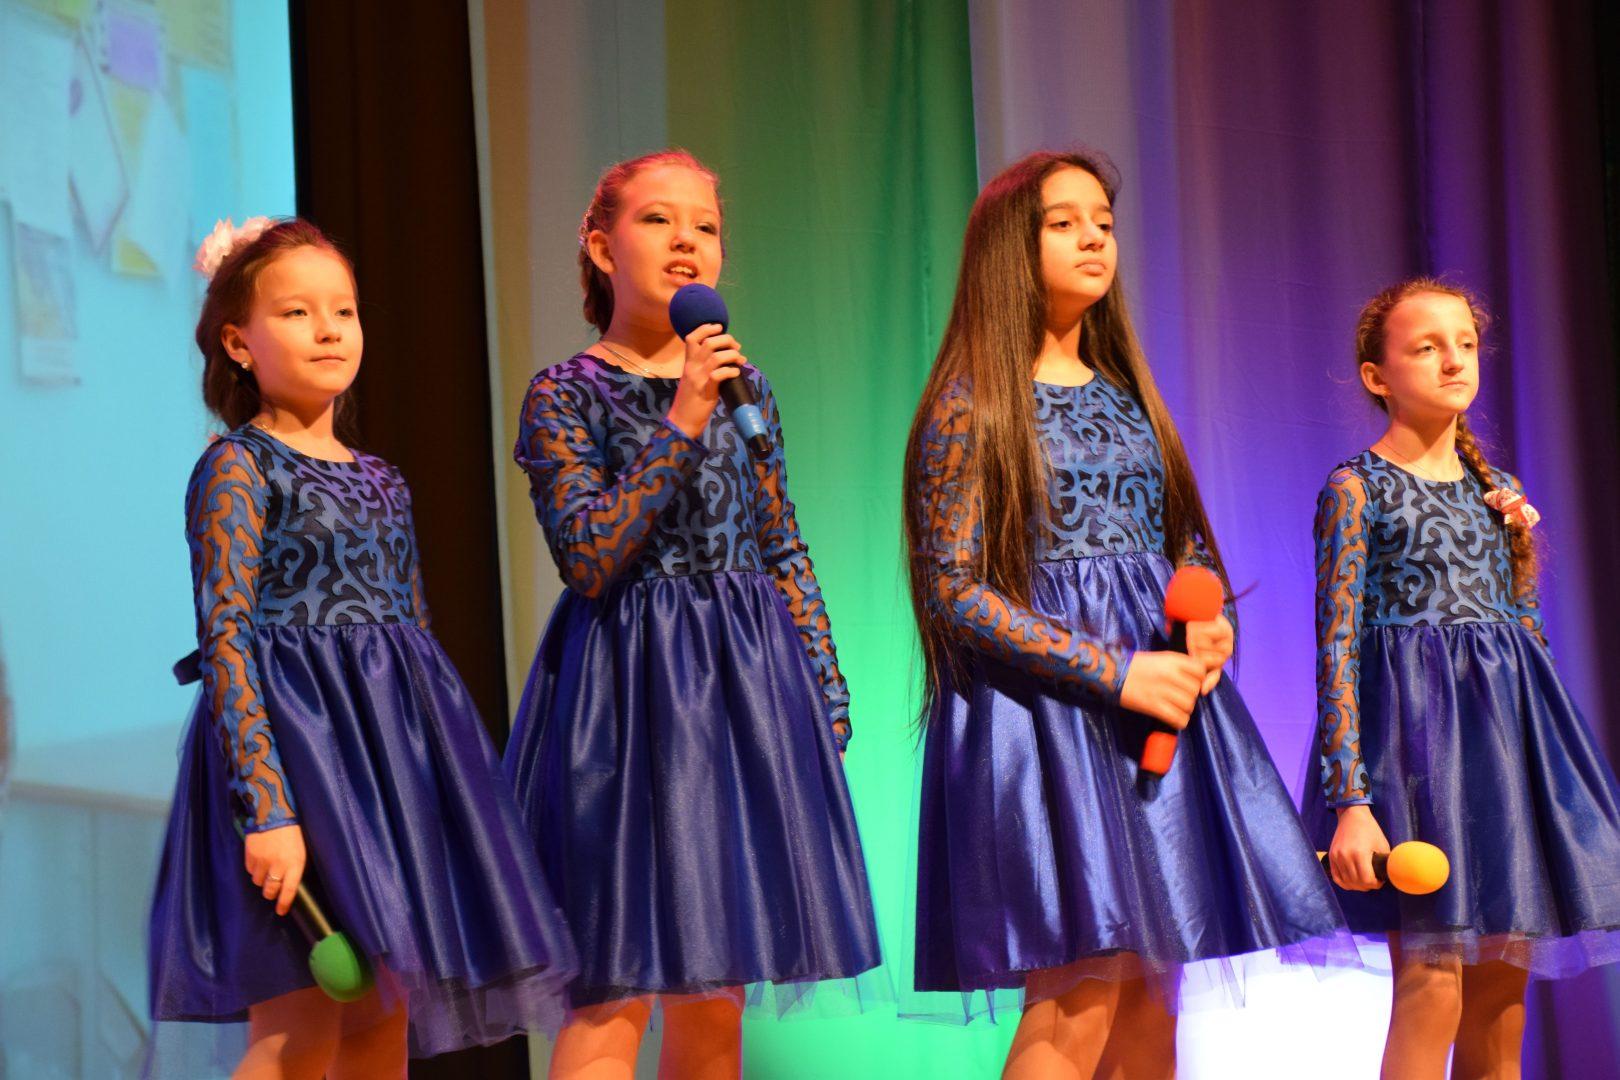 Запись концерта провели на сцене ДК. Фото: официальная страница ДК «Первомайское» в социальных сетях